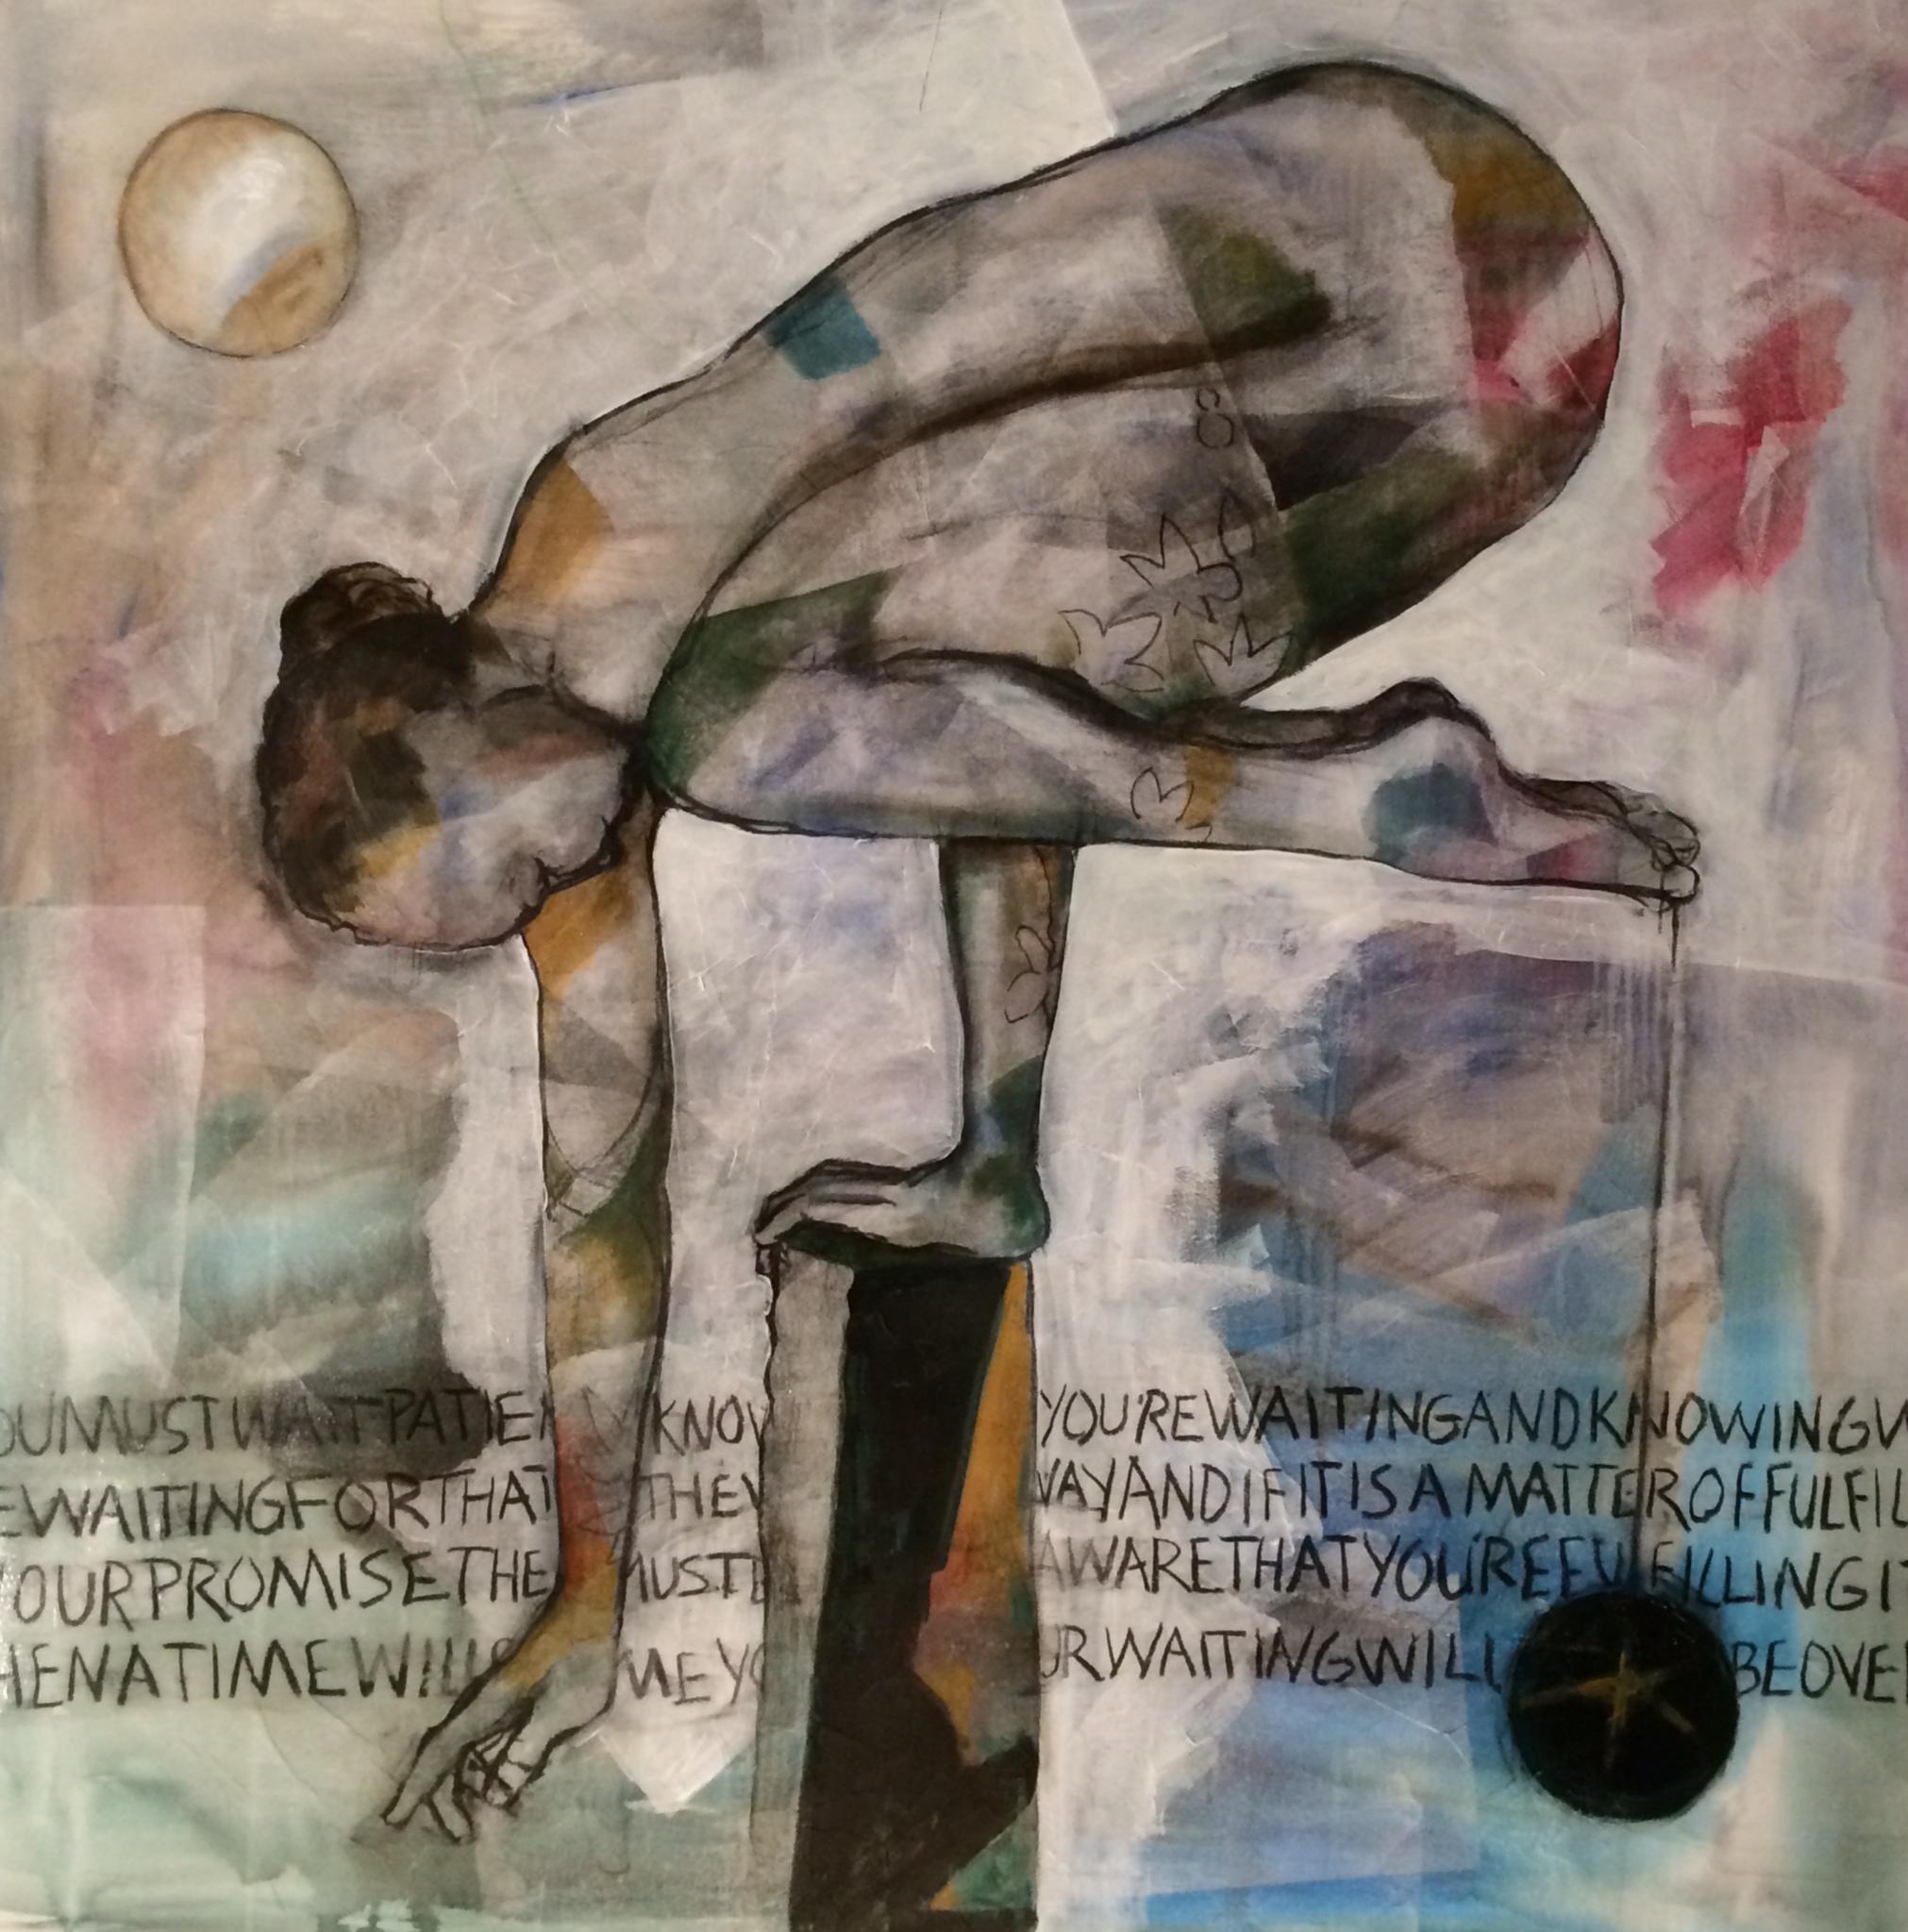 Yoga-WaitingAndKnowing copy 2